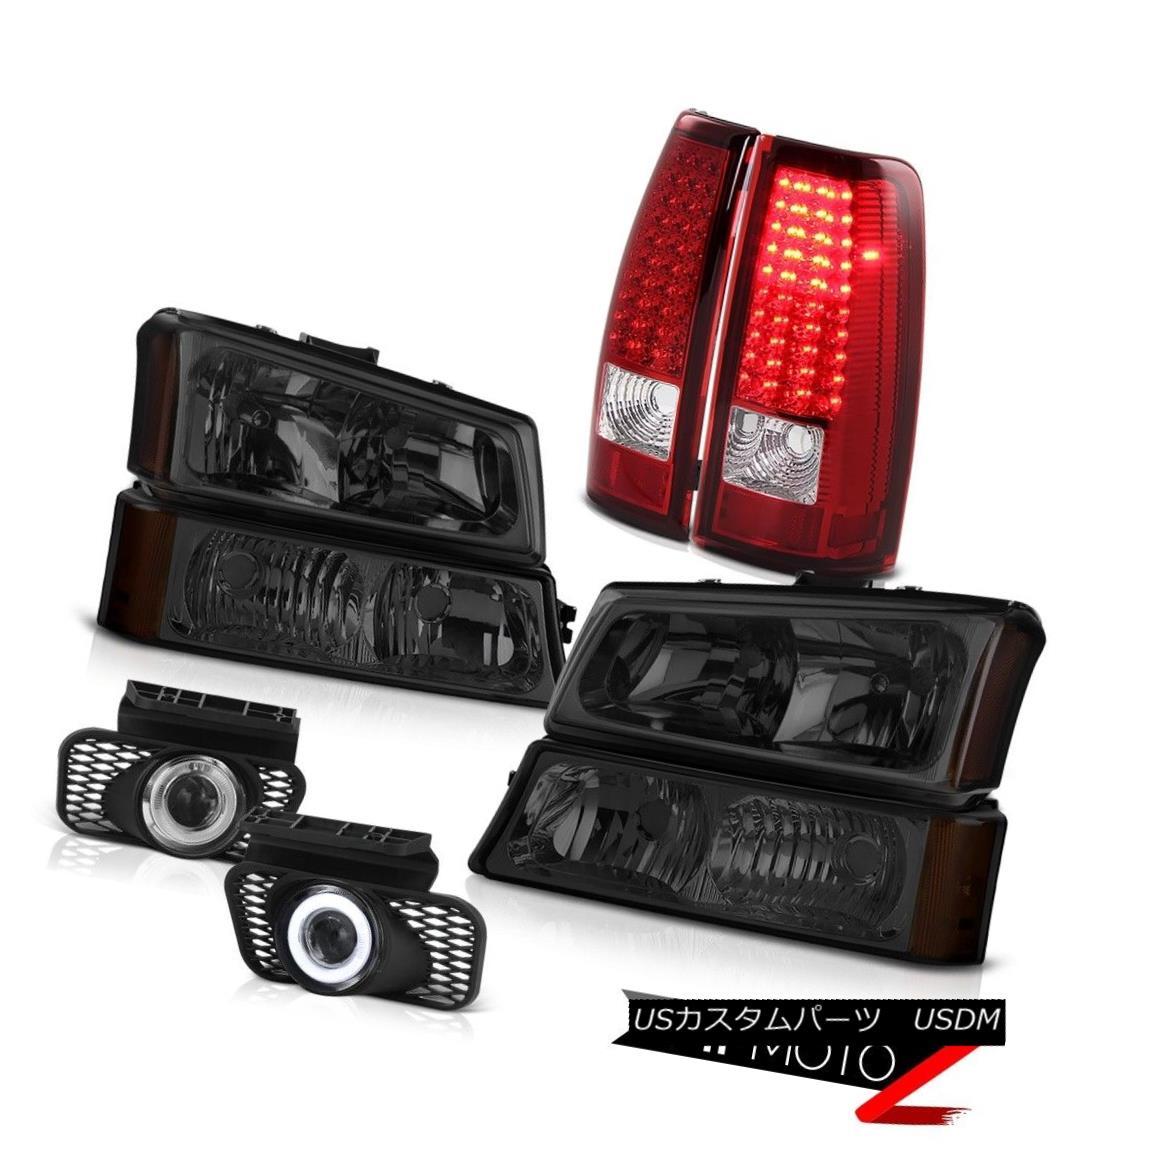 テールライト Crystal Headlamp Smoke Signal LED Tail Light Foglight Switch 2003-2006 Silverado クリスタルヘッドランプスモークシグナルLEDテールライトフォグライトスイッチ2003-2006シルバラード